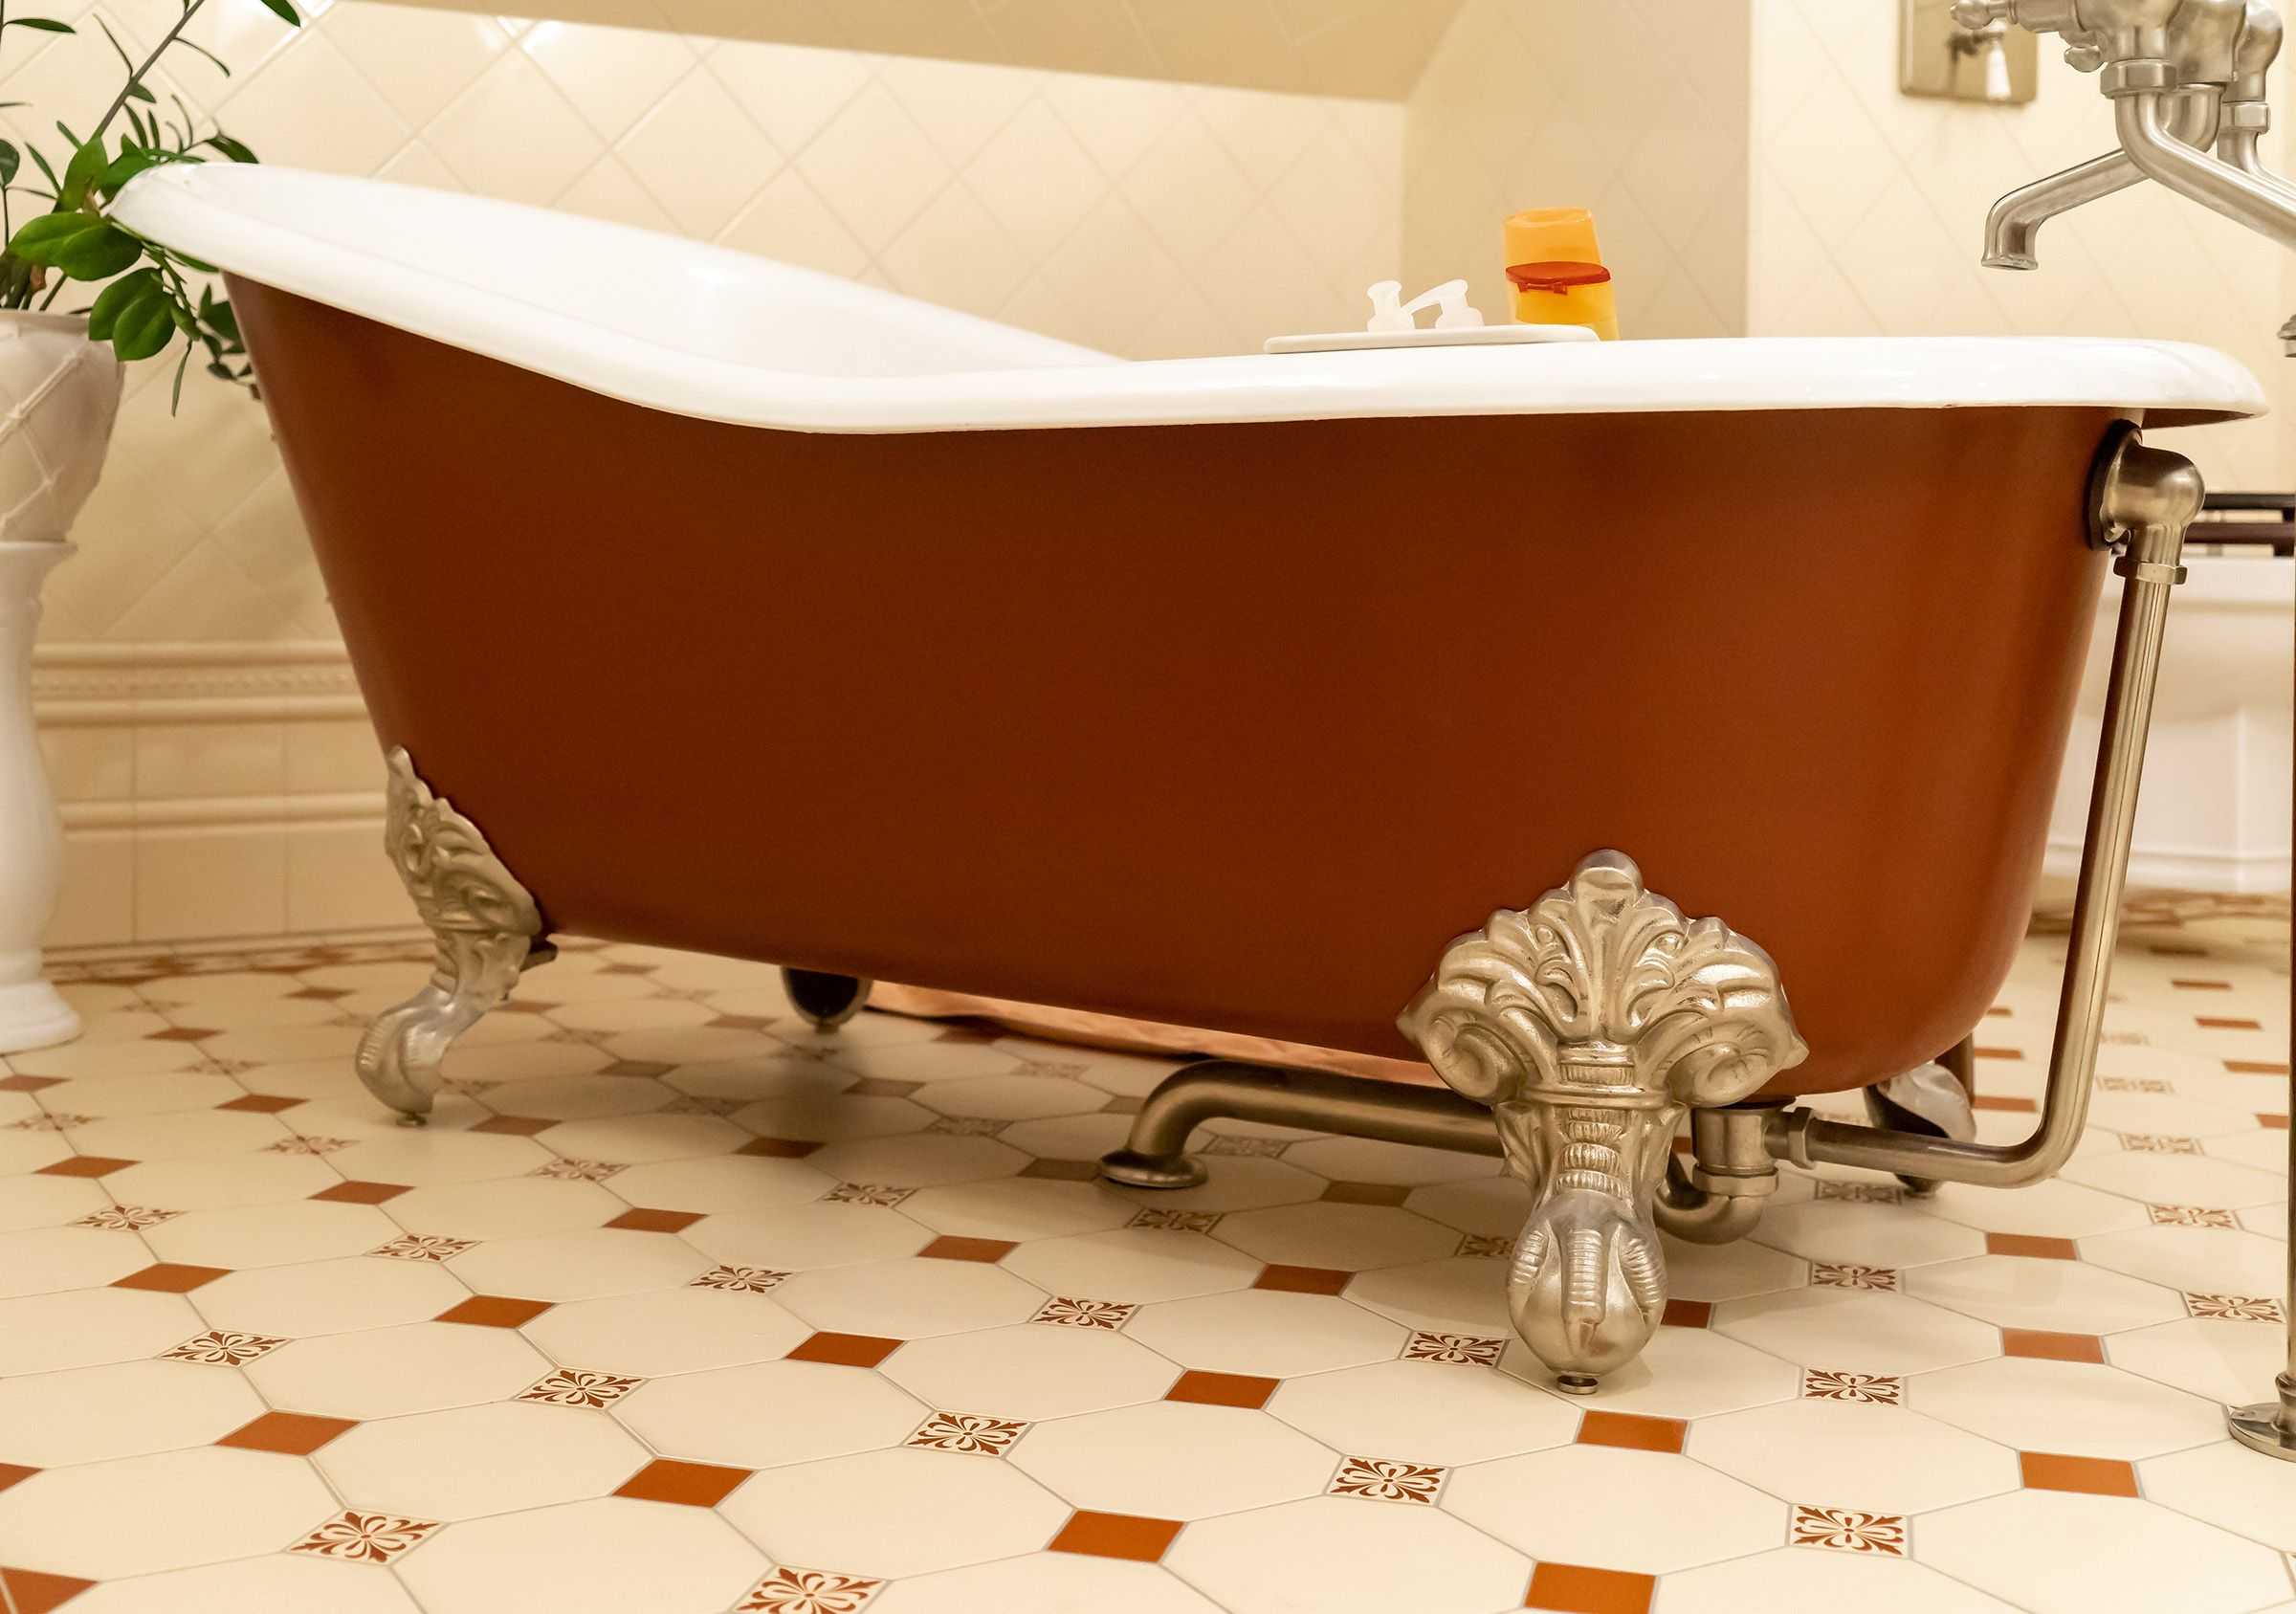 Viktorianische Gusseisen Badewanne Badewanne Gusseisen Badewanne Traditionelle Bader